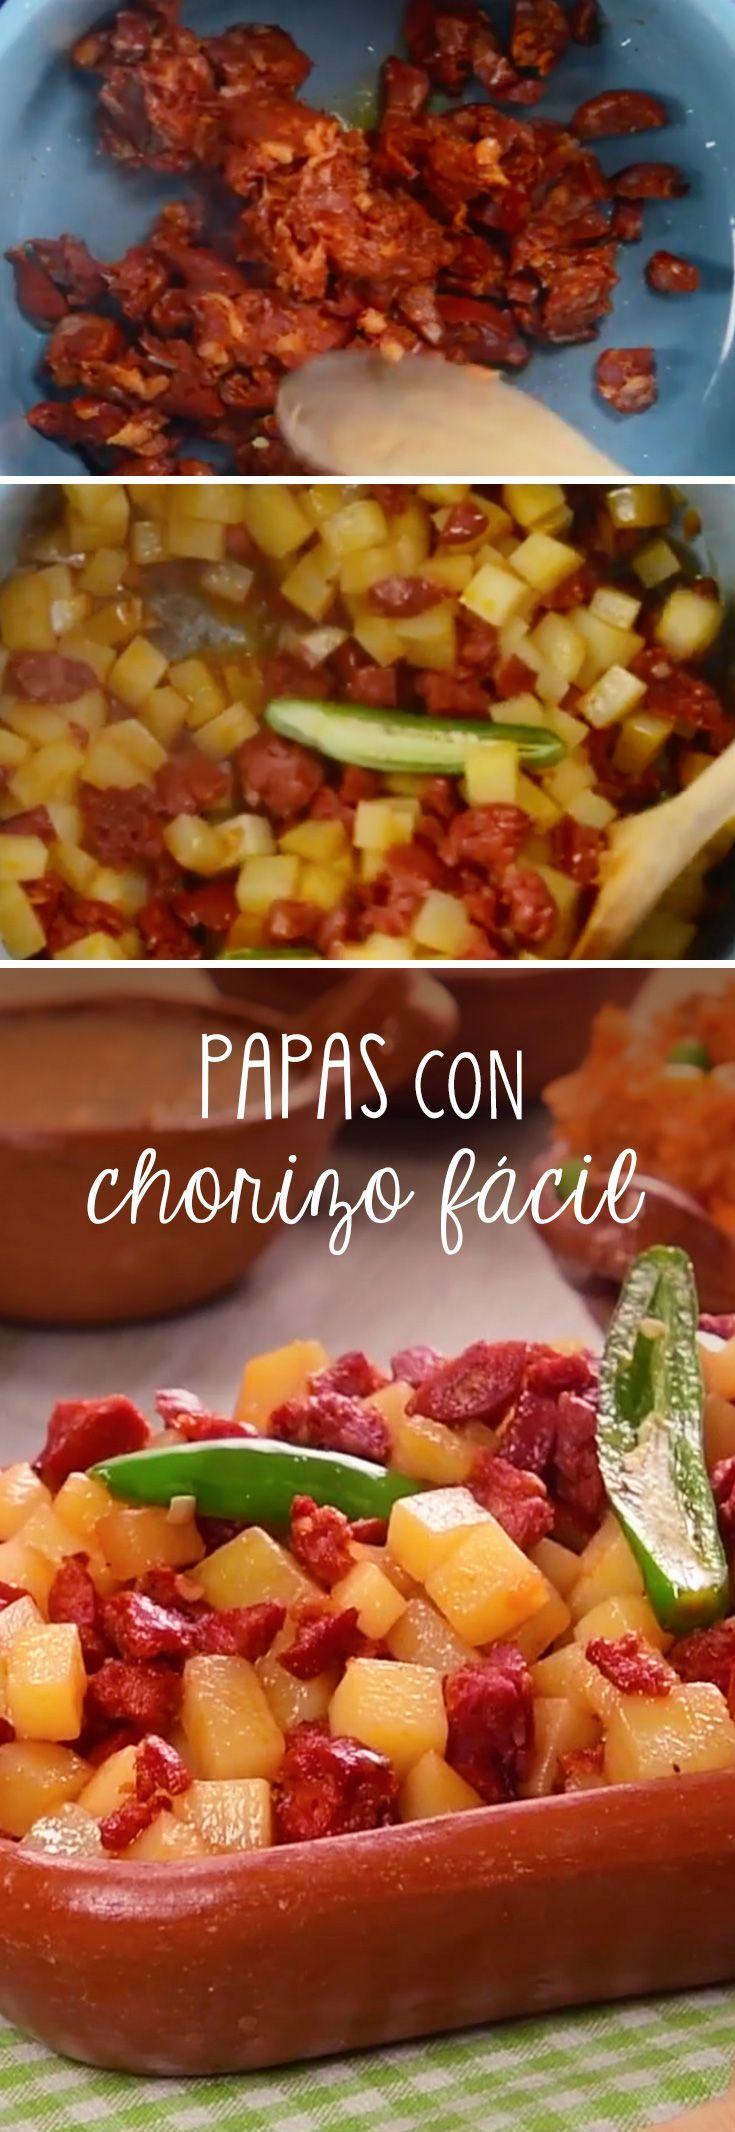 Las papas con chorizo son una típica comida mexicana, perteneciente a las categorías de comidas rápidas y comida fácil en México. Las papas con chorizo son deliciosas y baratas para ofrecerlas en una taquiza o fiesta mexicana.